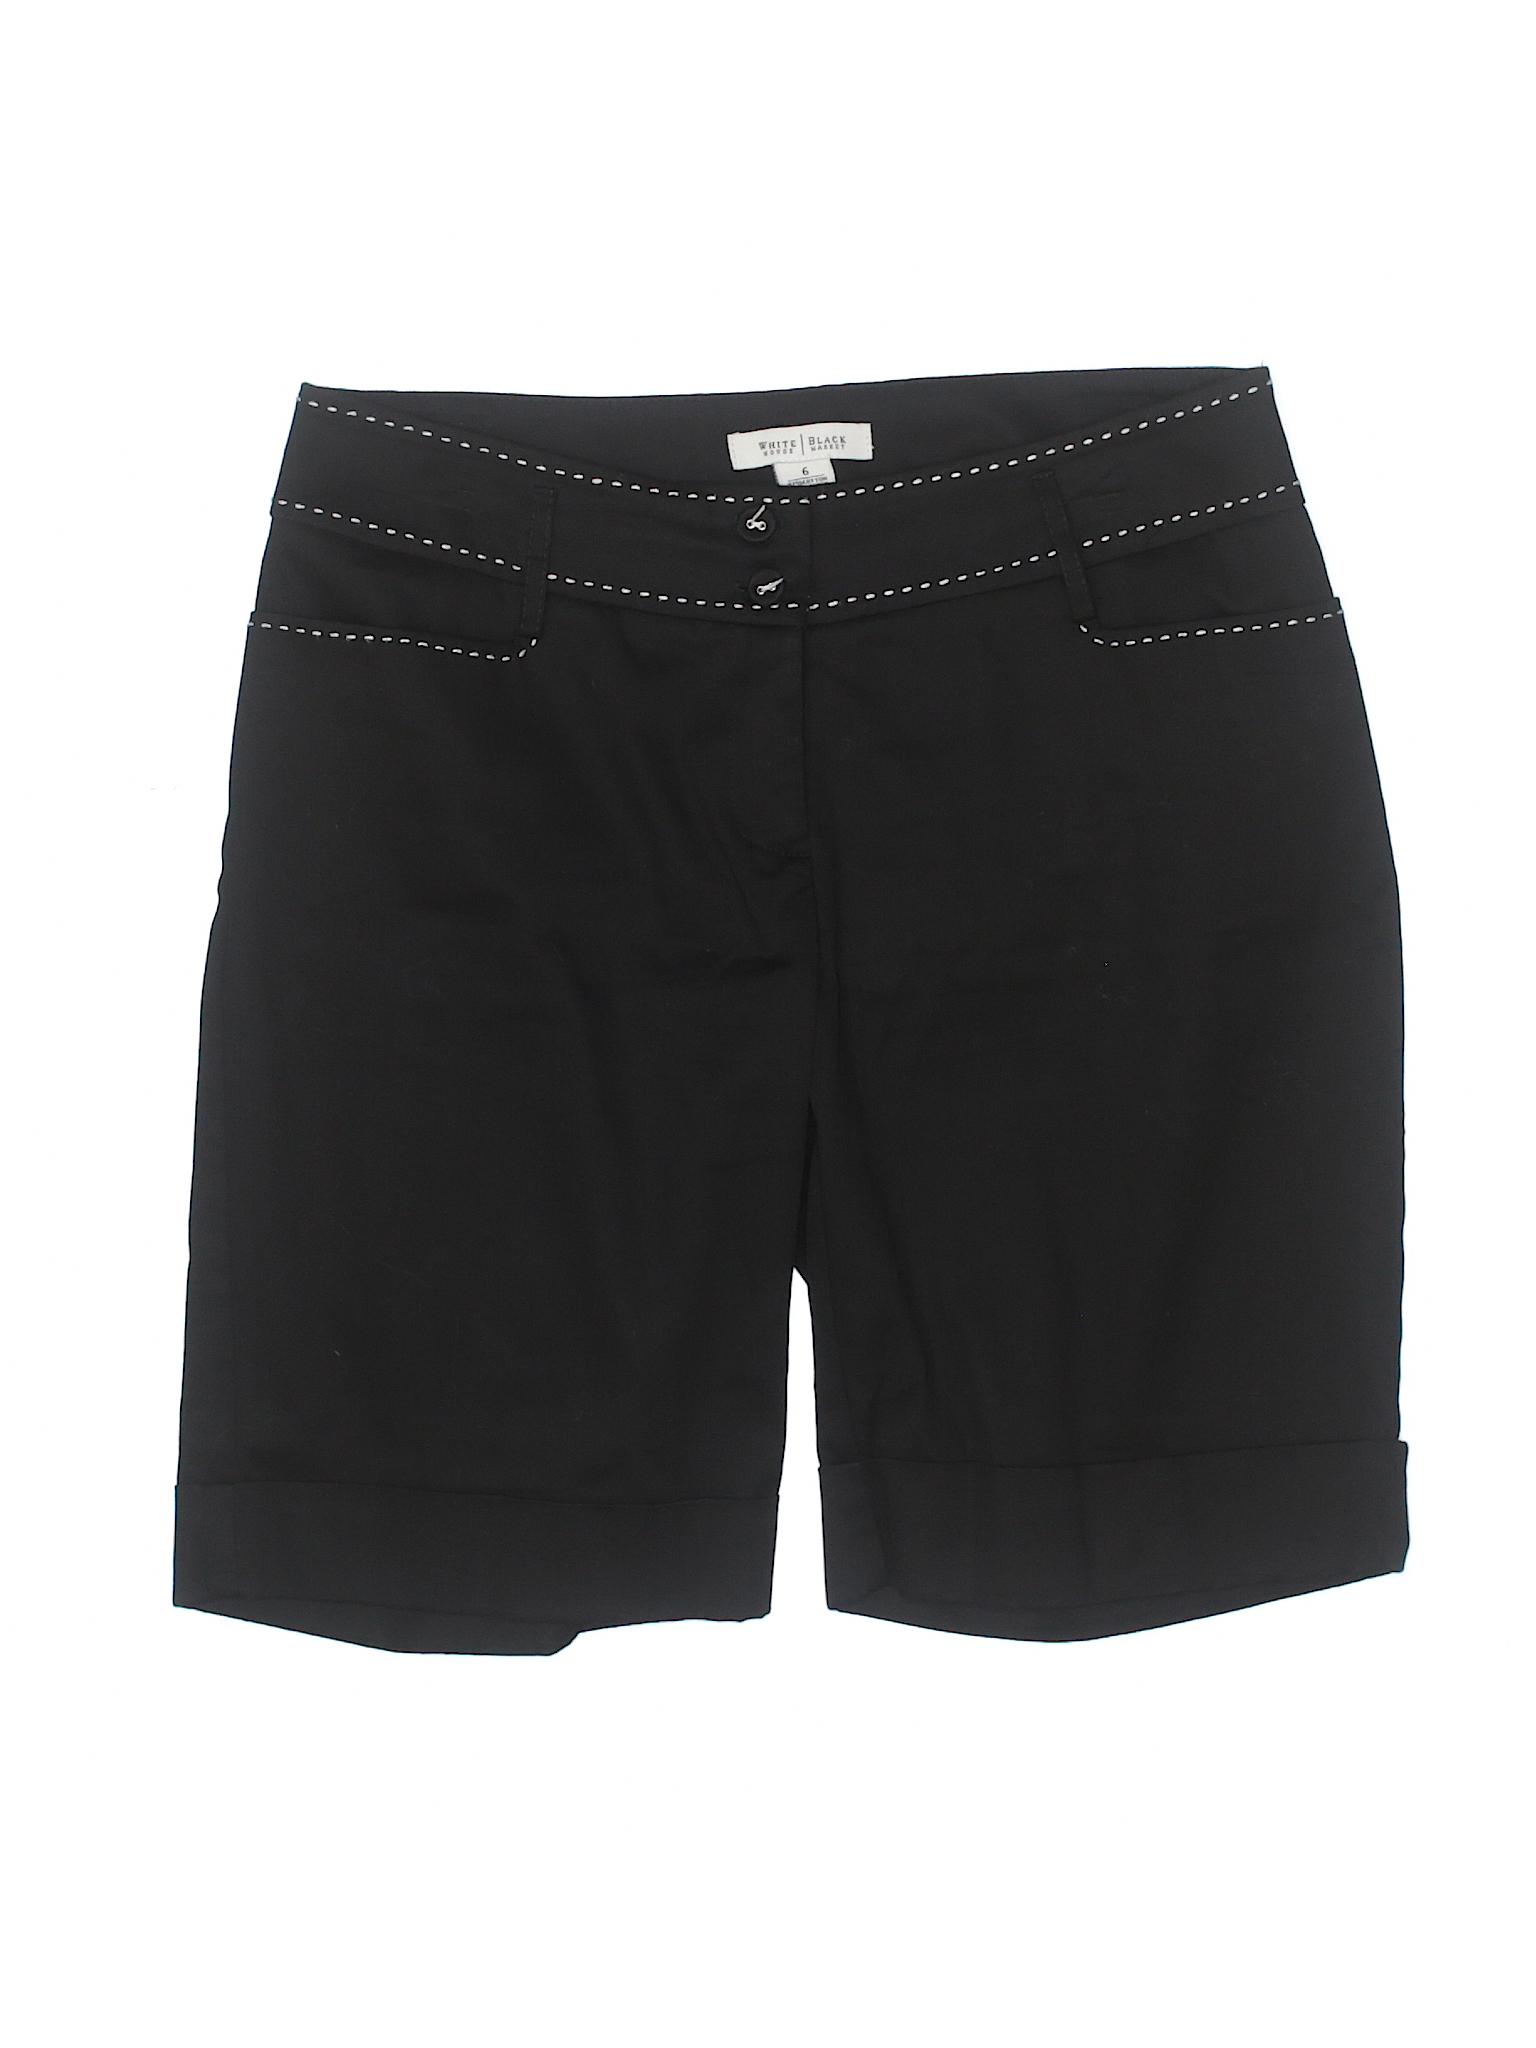 Market Khaki Black House Boutique White Shorts tIaqz18w